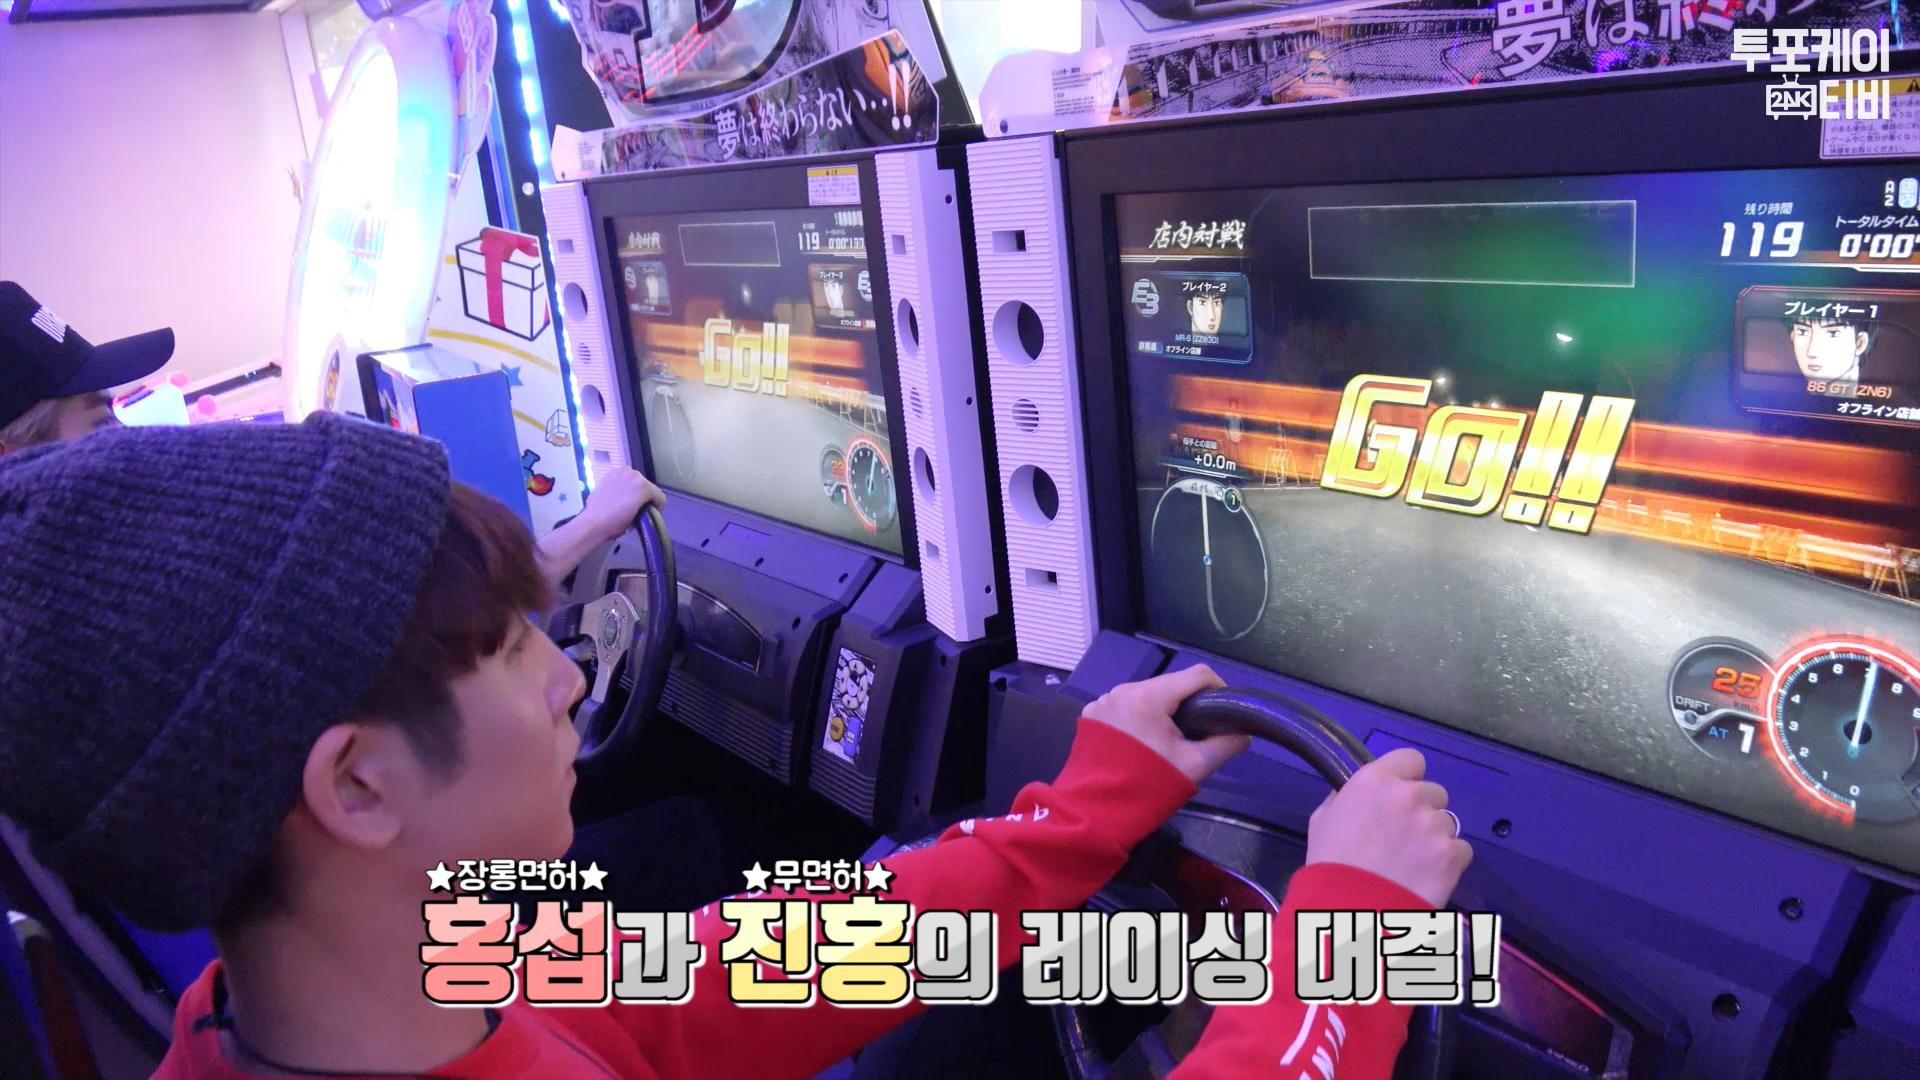 투포케이(24K) TV - 컴백 전 막내라인의 자유시간 ep.2